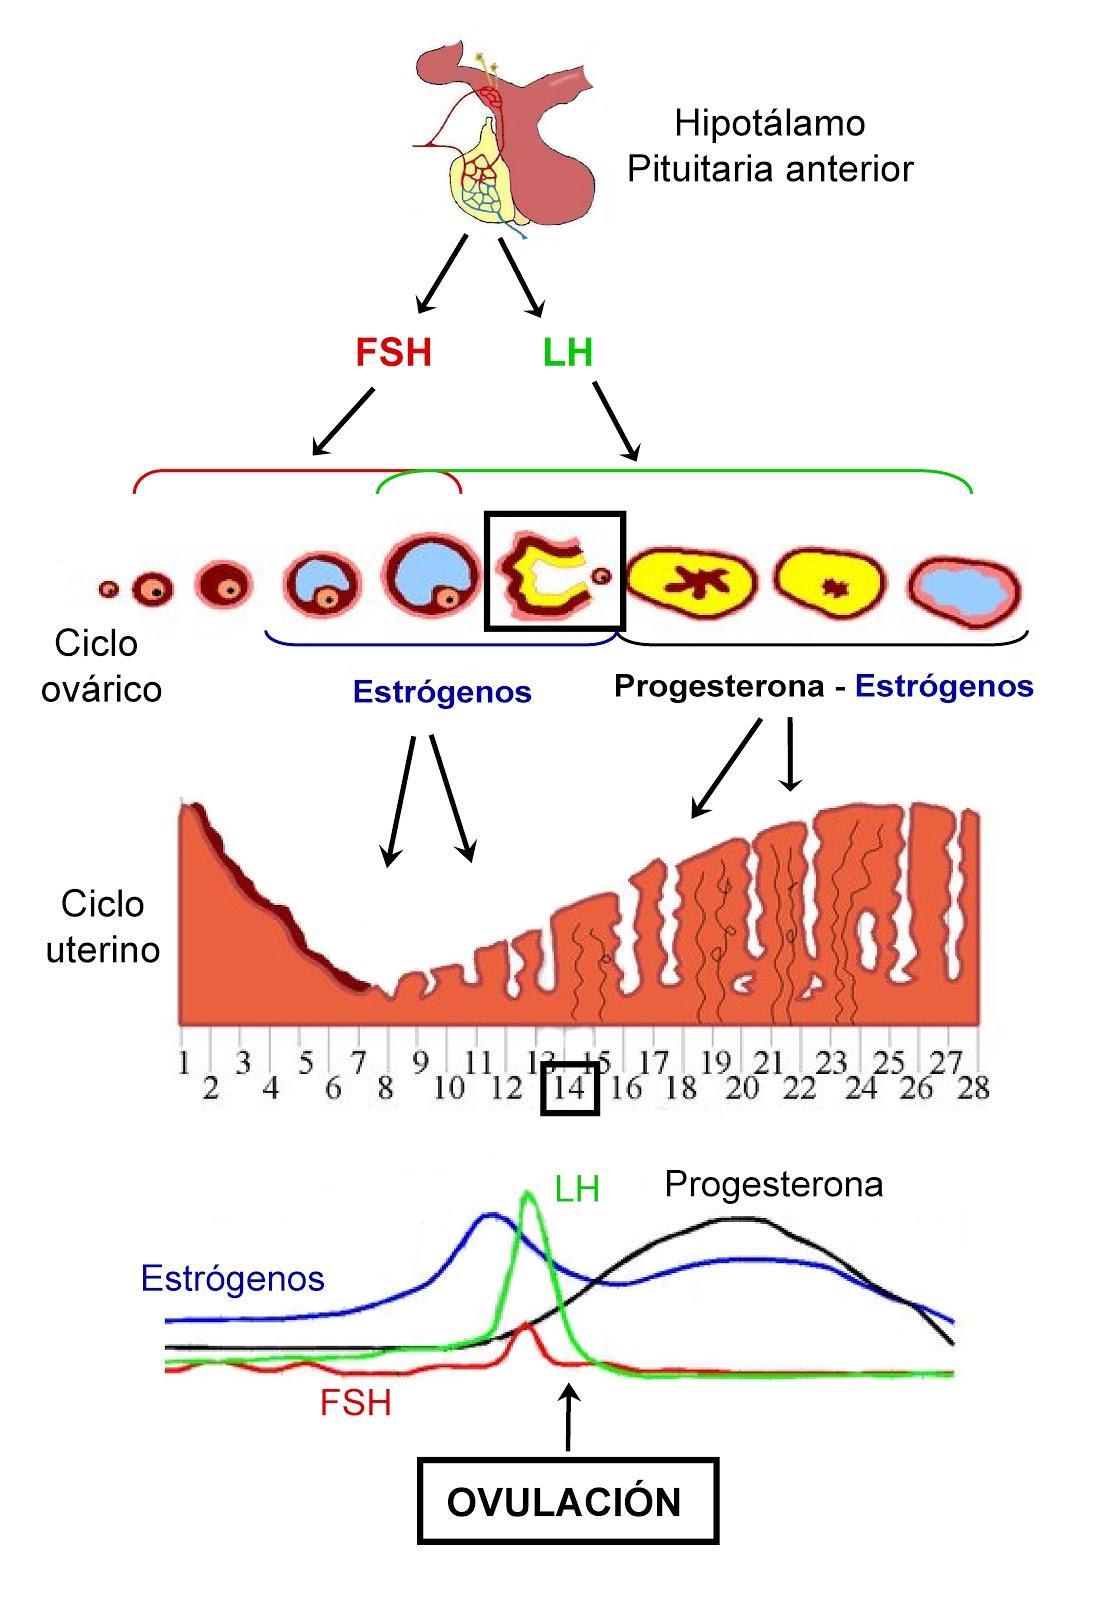 Etapas, desarrollo del endometrio y folicular y secreción hormonas durante el ciclo menstrual